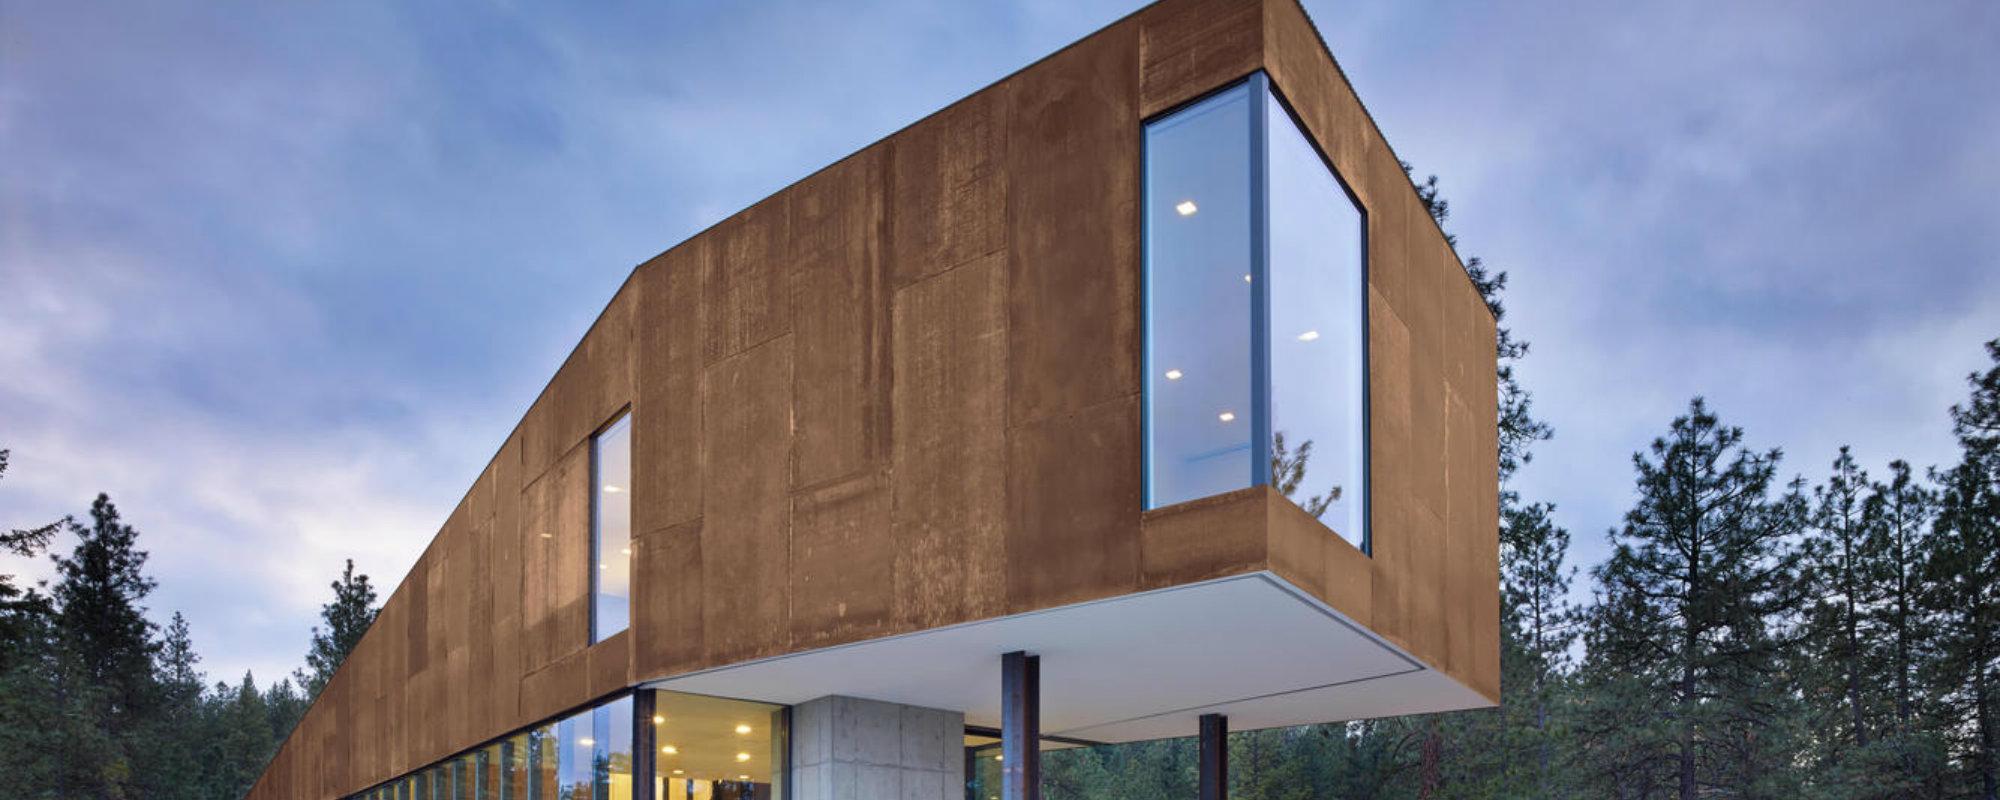 Proyectos de lujo: Rimrock casa privada unica proyectos de lujo Proyectos de lujo: Rimrock casa privada unica Featured